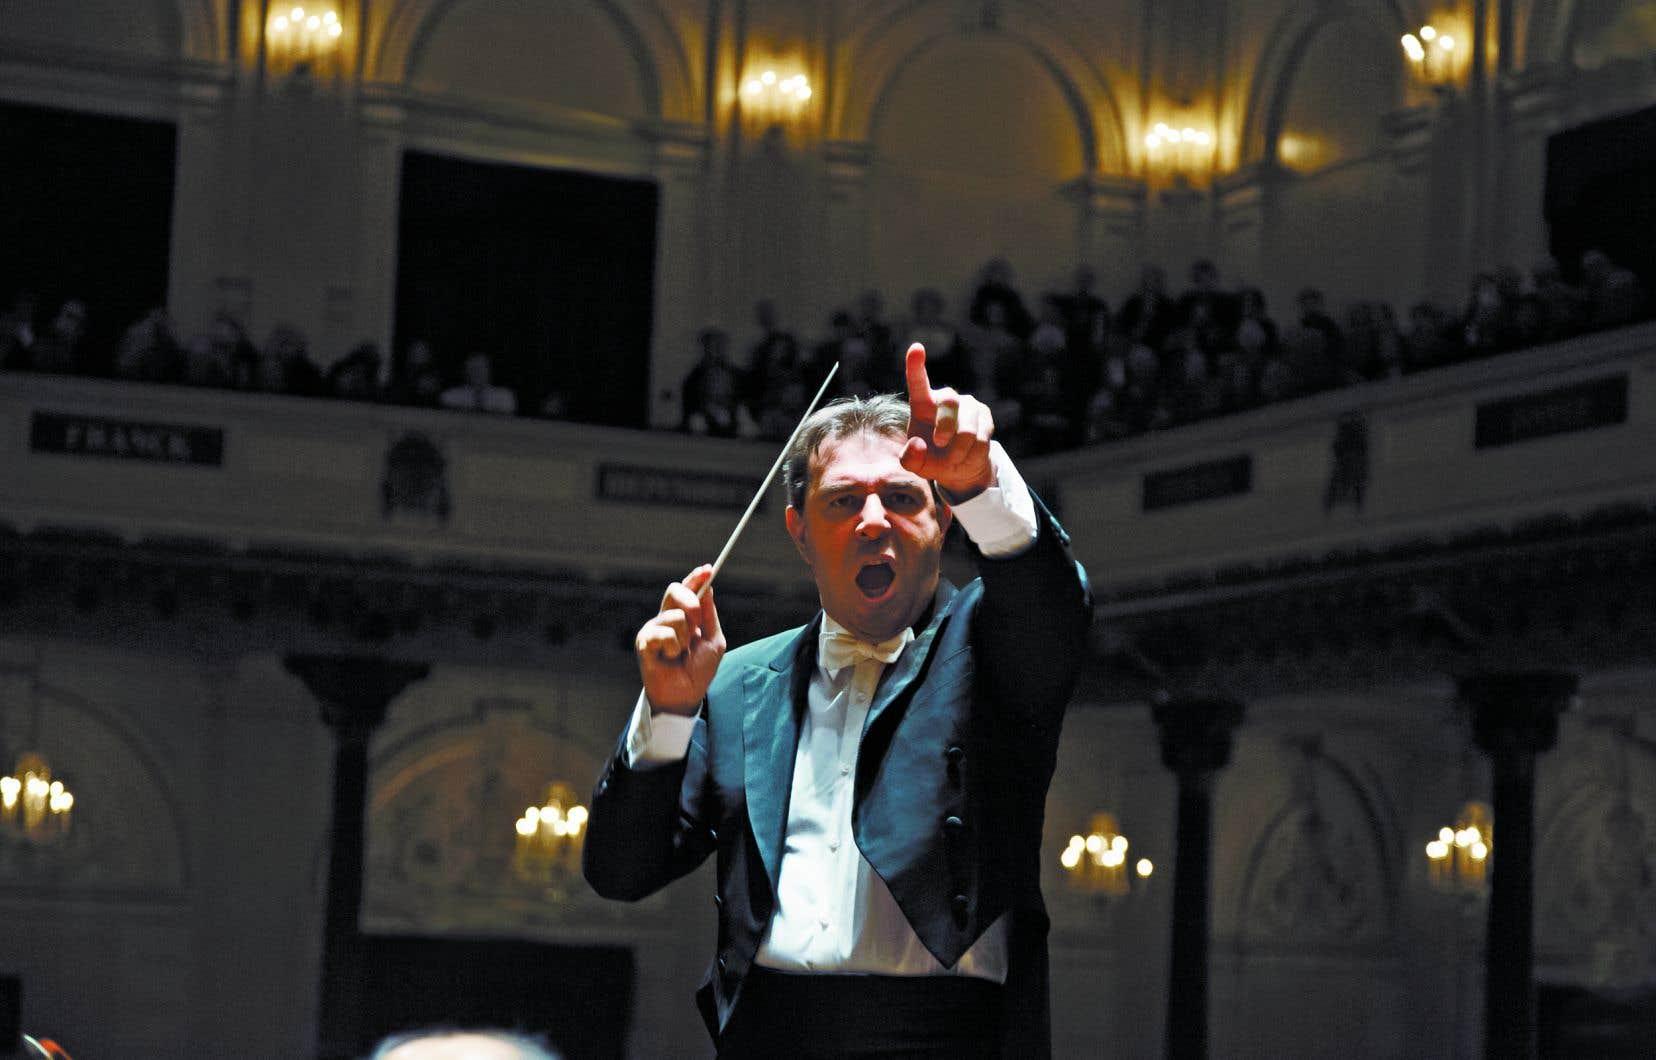 Le chef d'orchestre Daniele Gatti a été nommé directeur musical de l'Opéra de Rome.